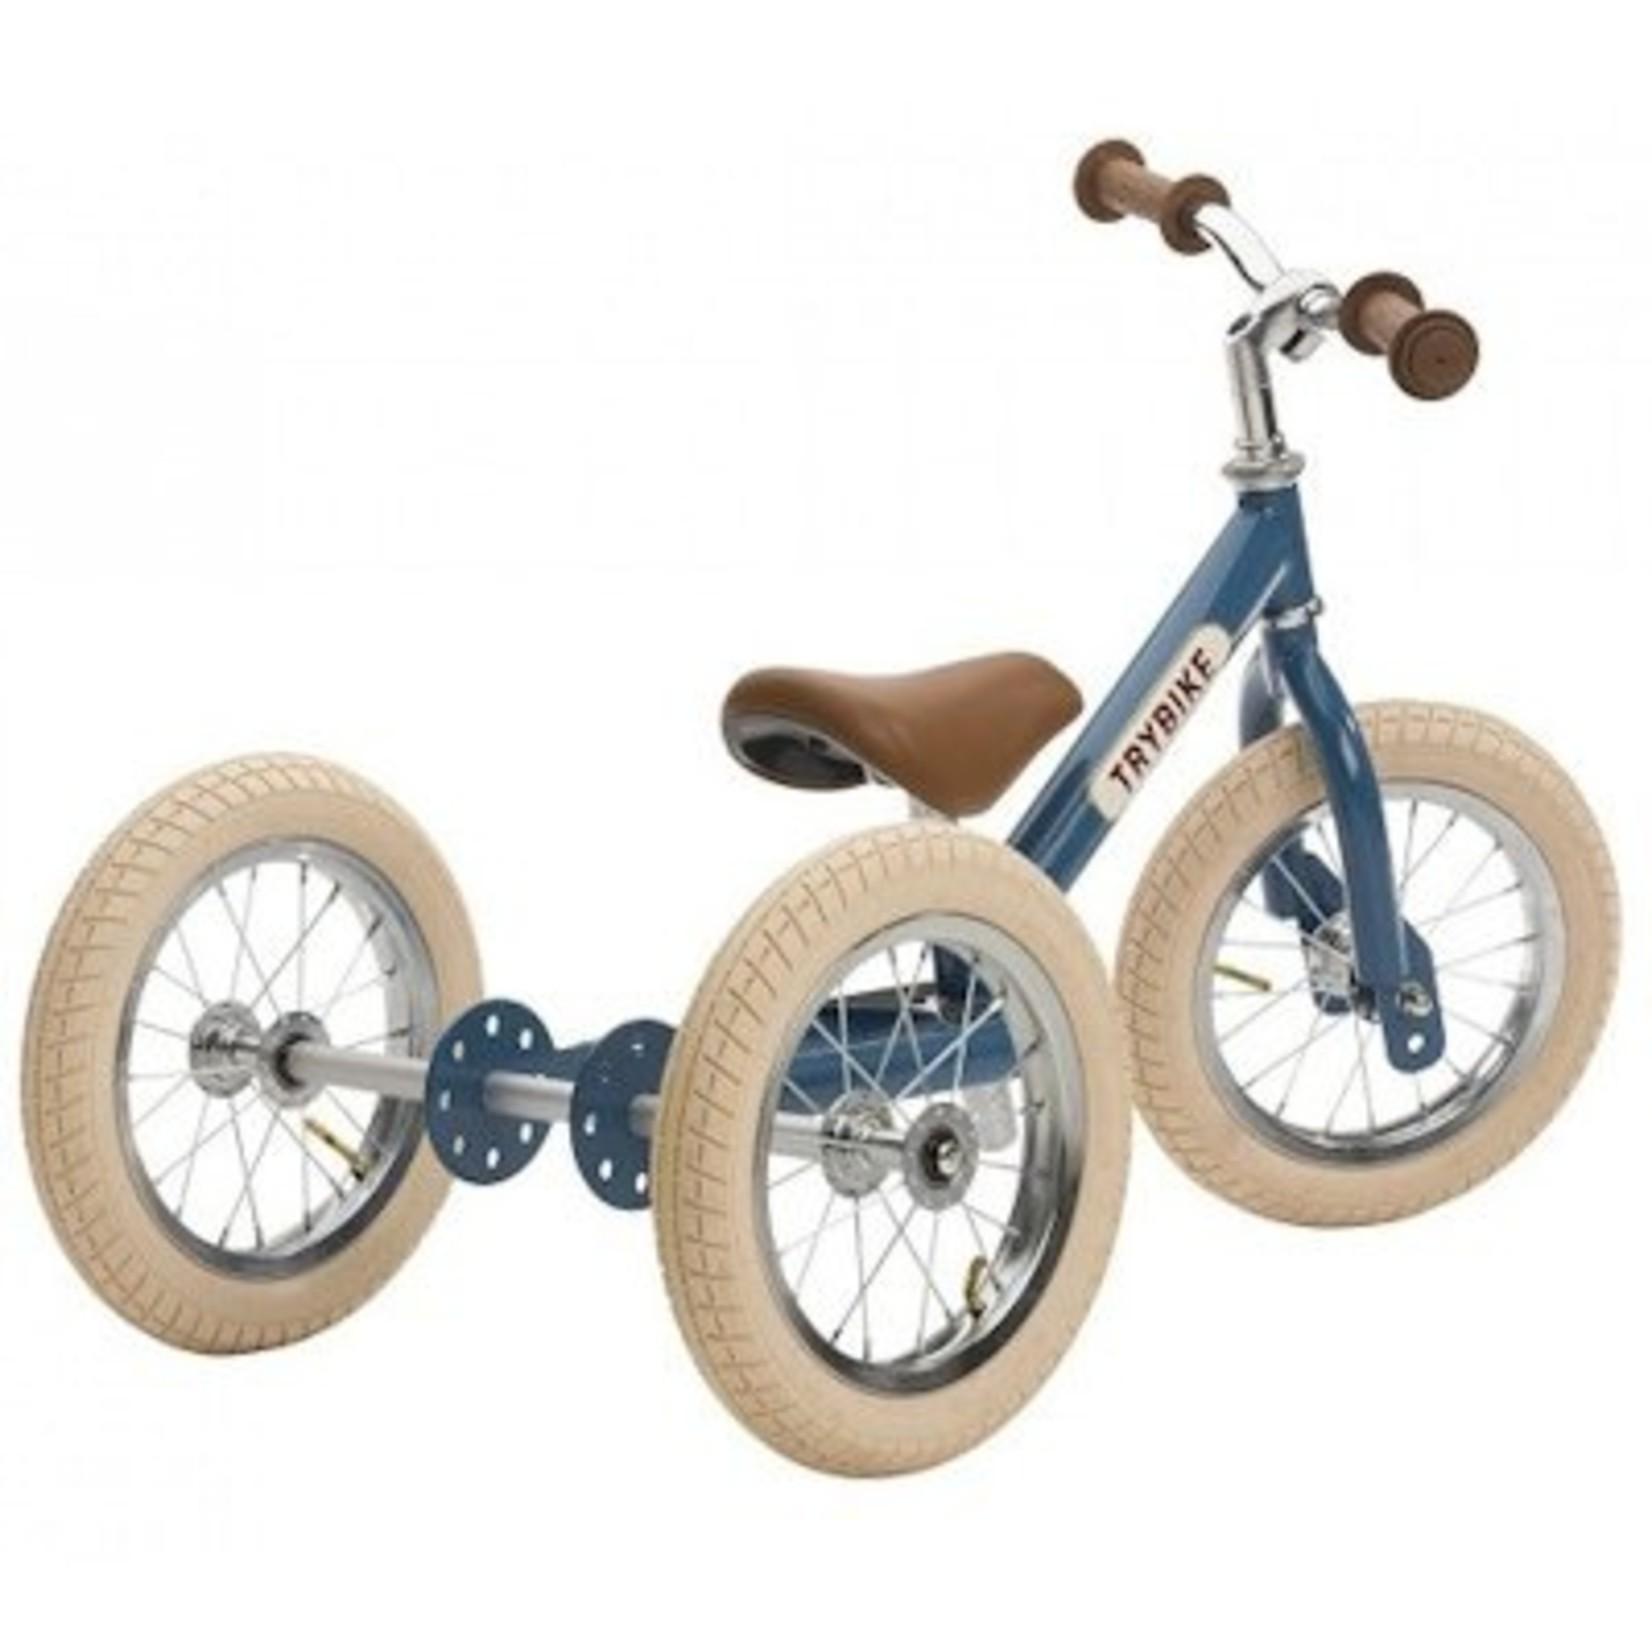 Trybike Trybike, steel vintage loopfiets Blauw